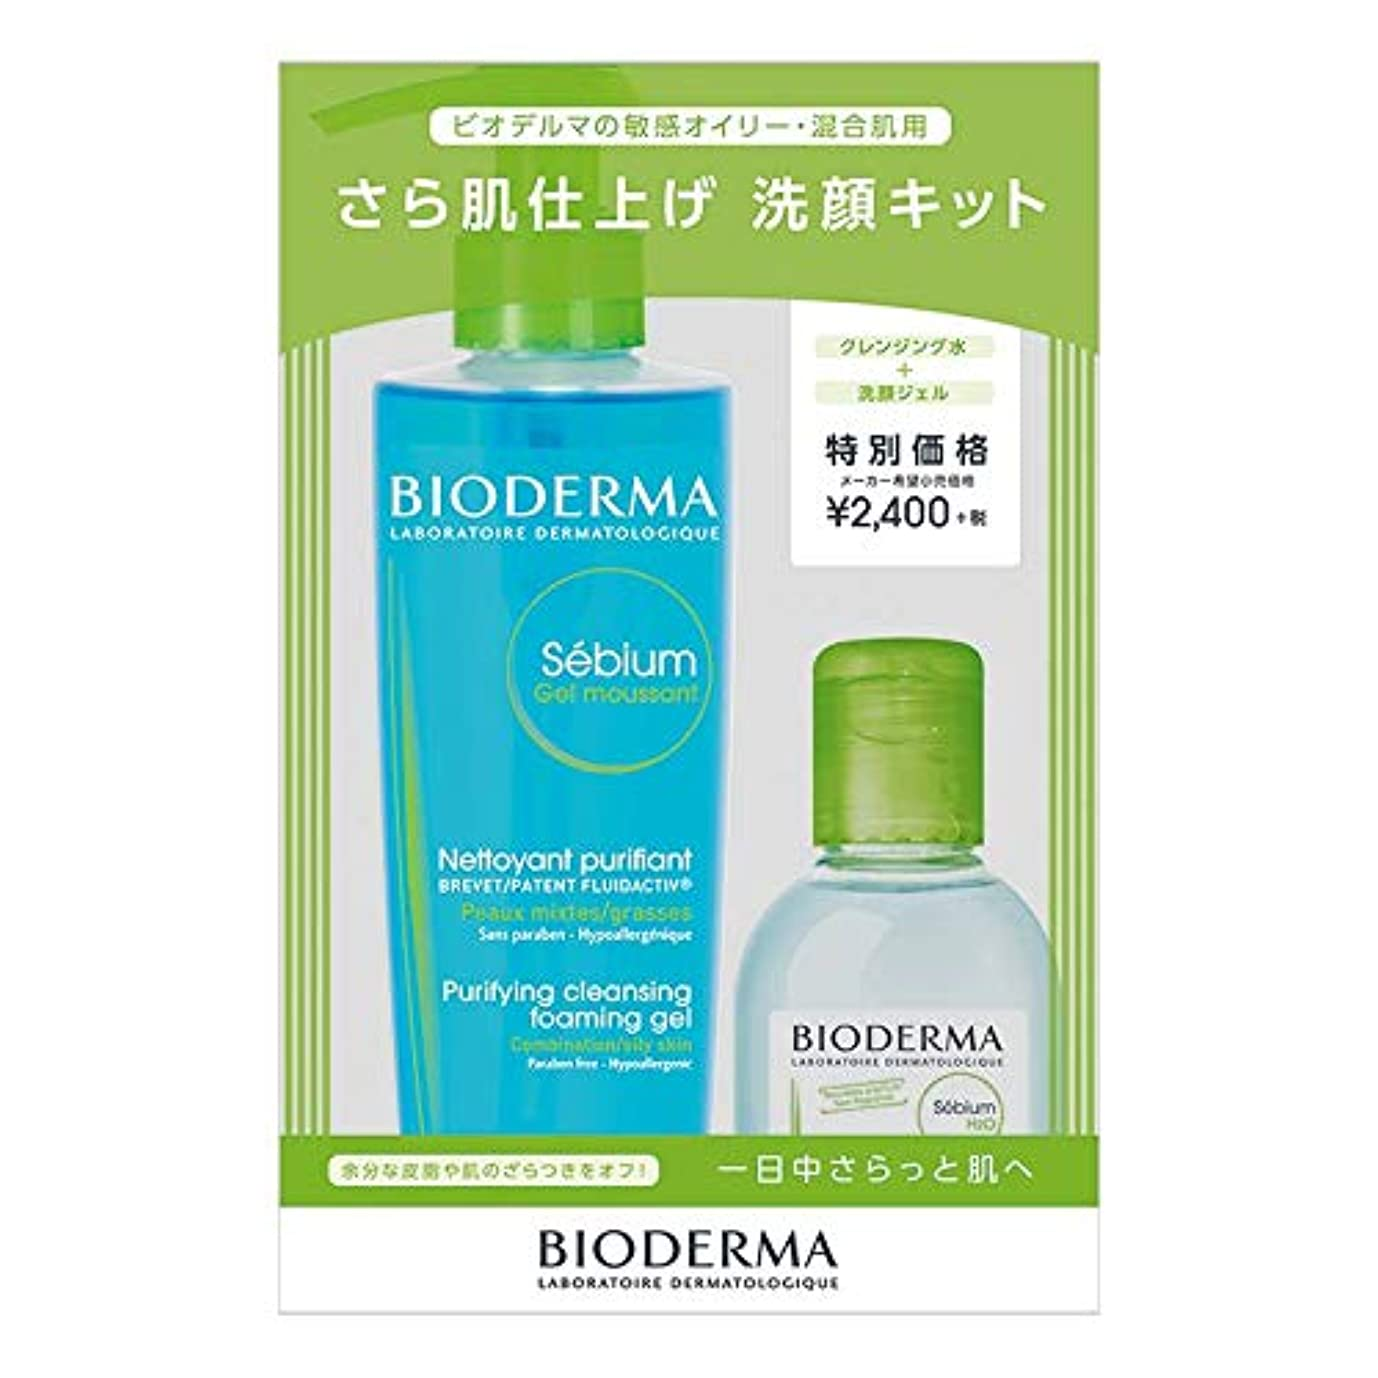 一月地区流産ビオデルマ セビウム サラハダシアゲ センガンキット 洗顔 セット 200g+100ml